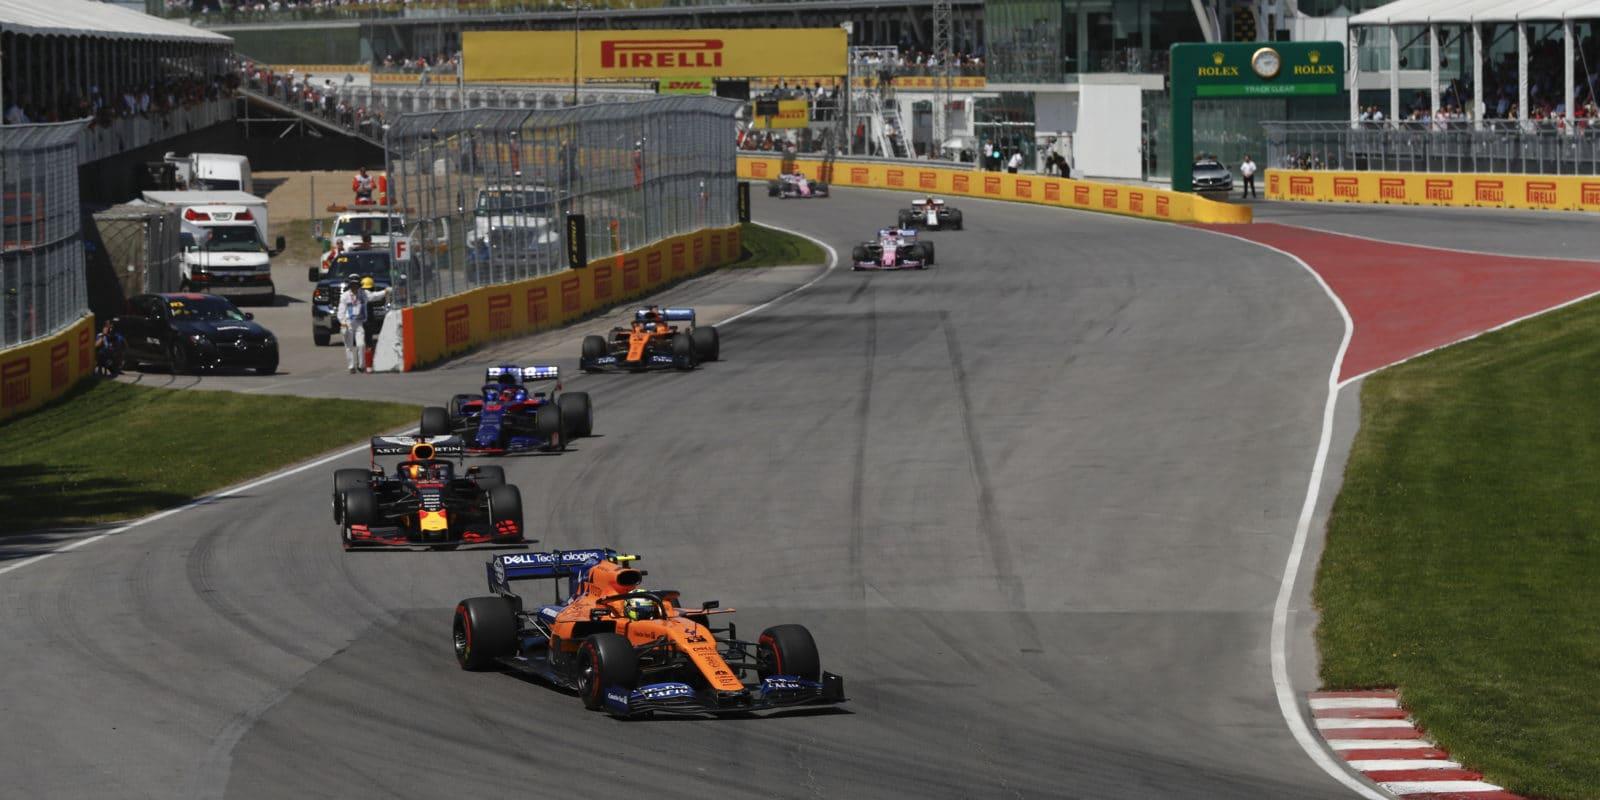 McLaren odhalil příčinu poškození na Norrisově voze